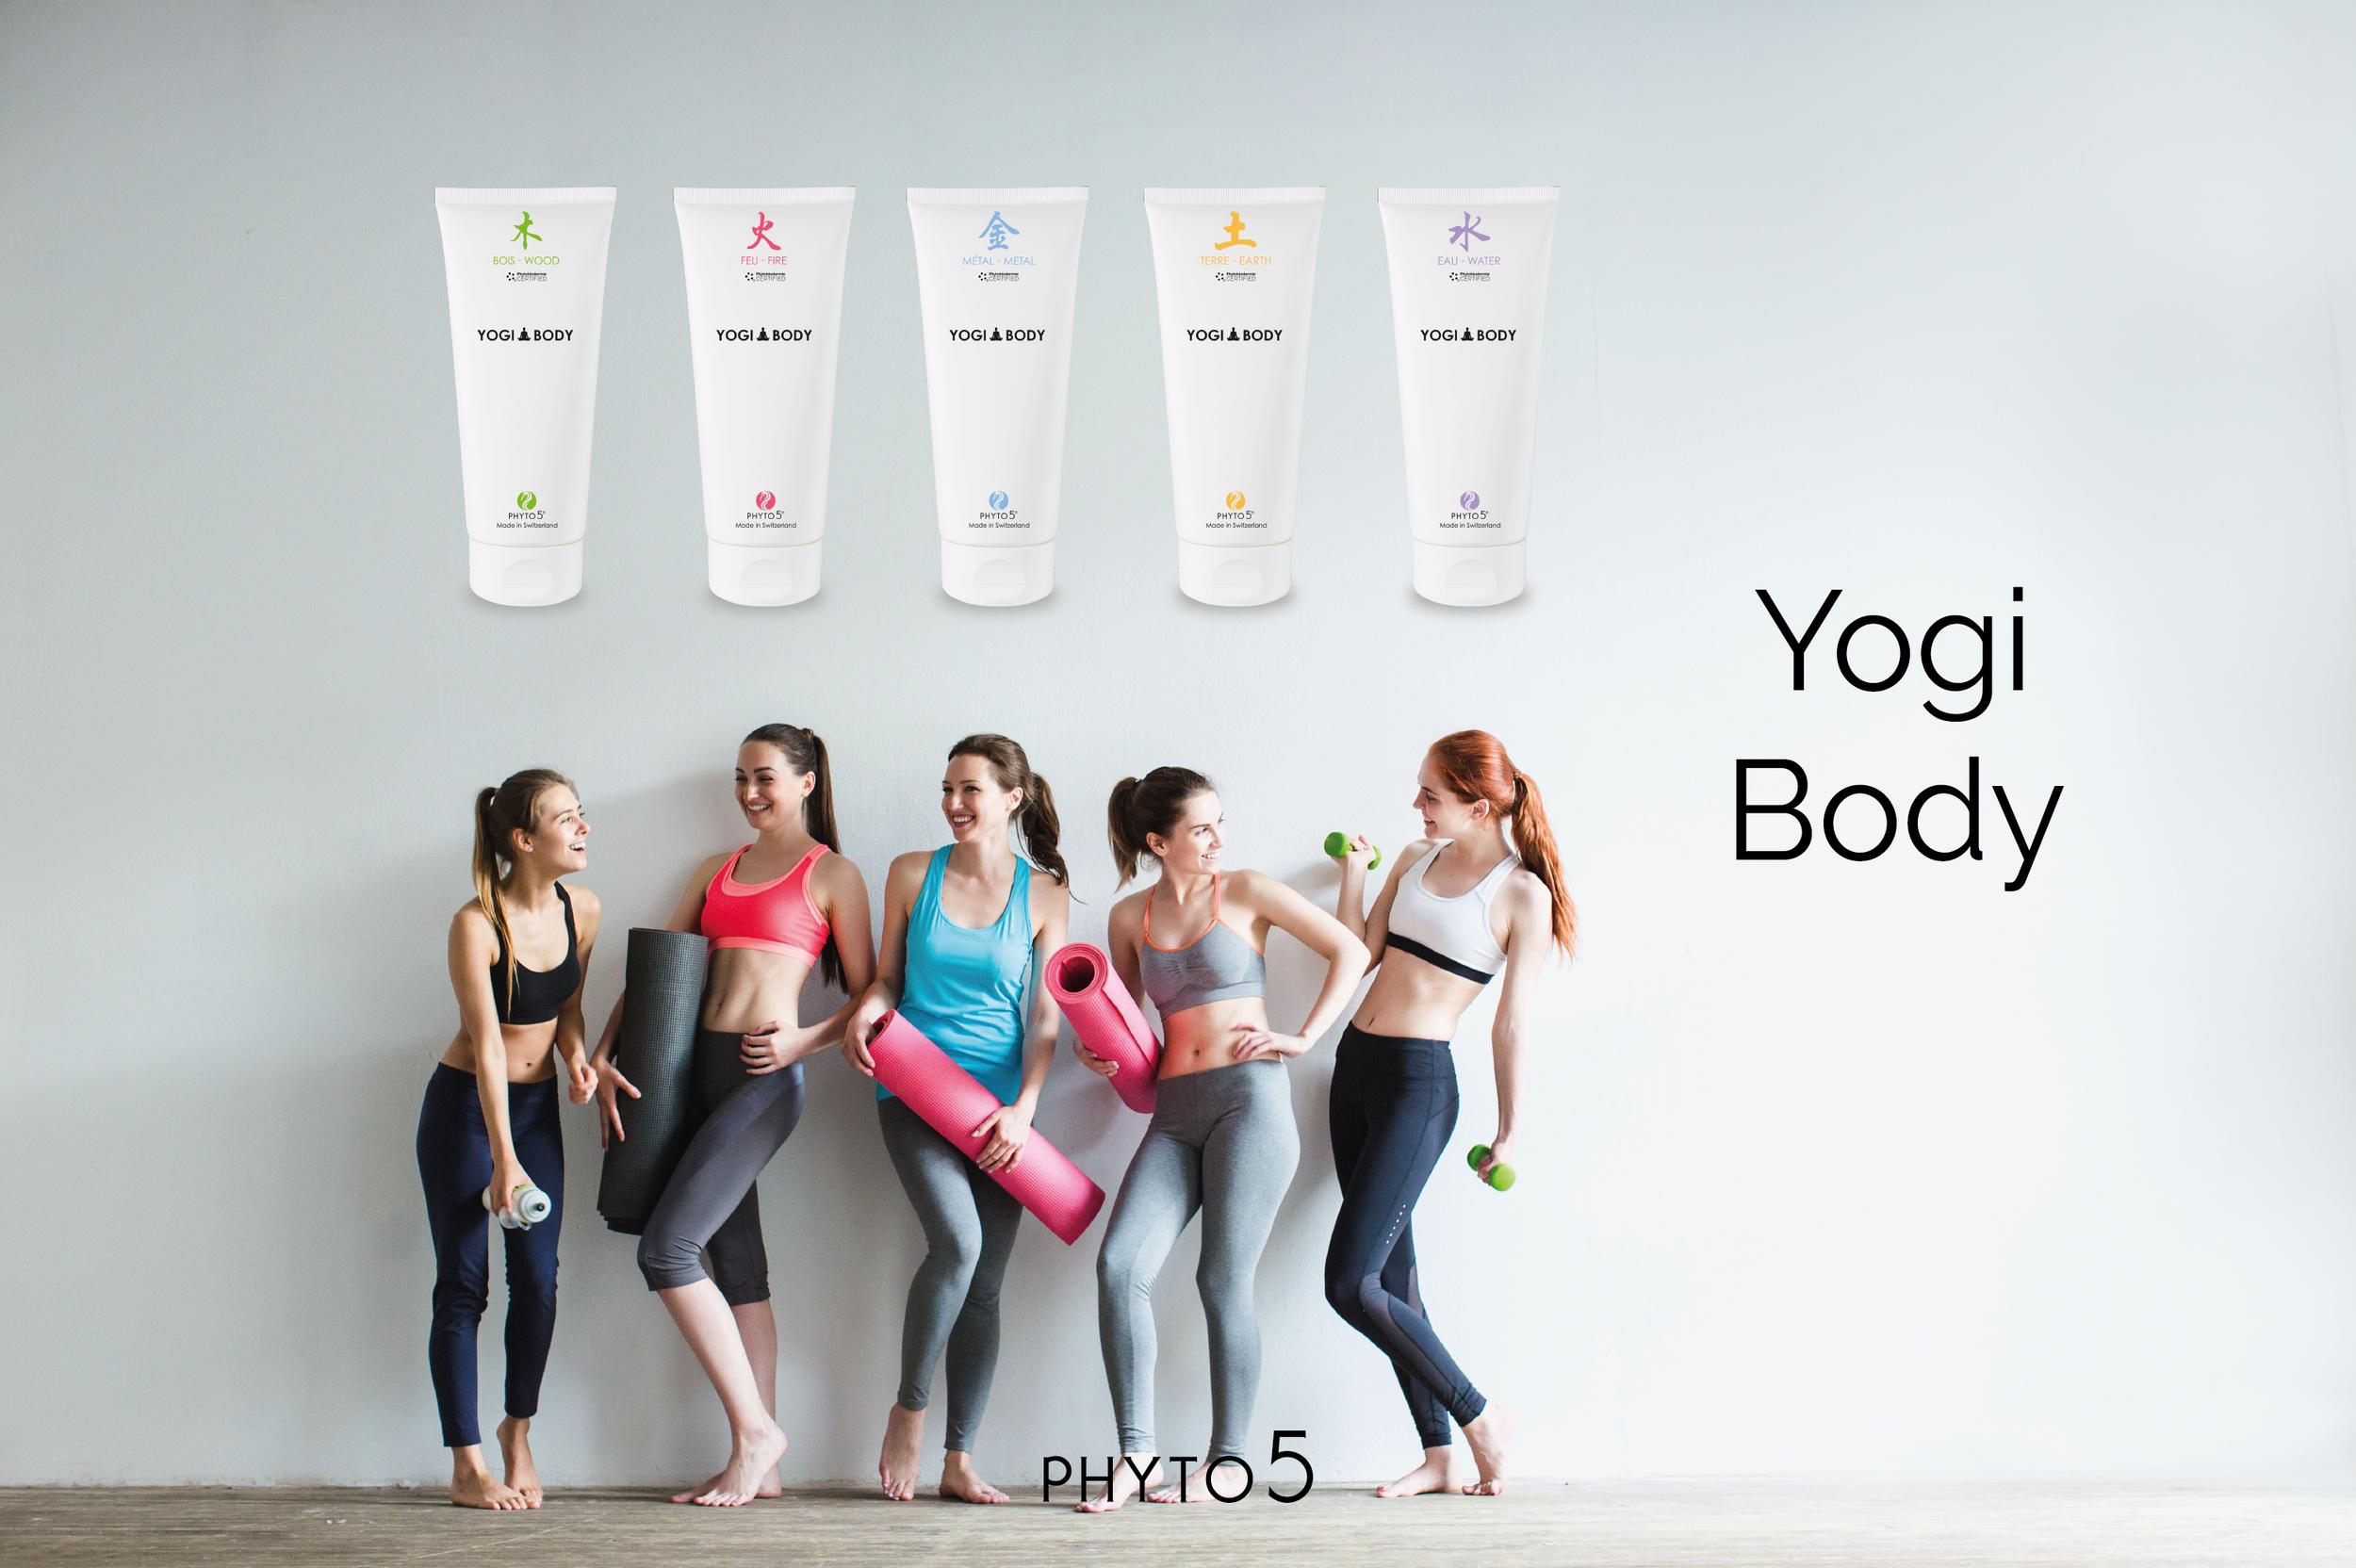 All five Yogi Body Gels